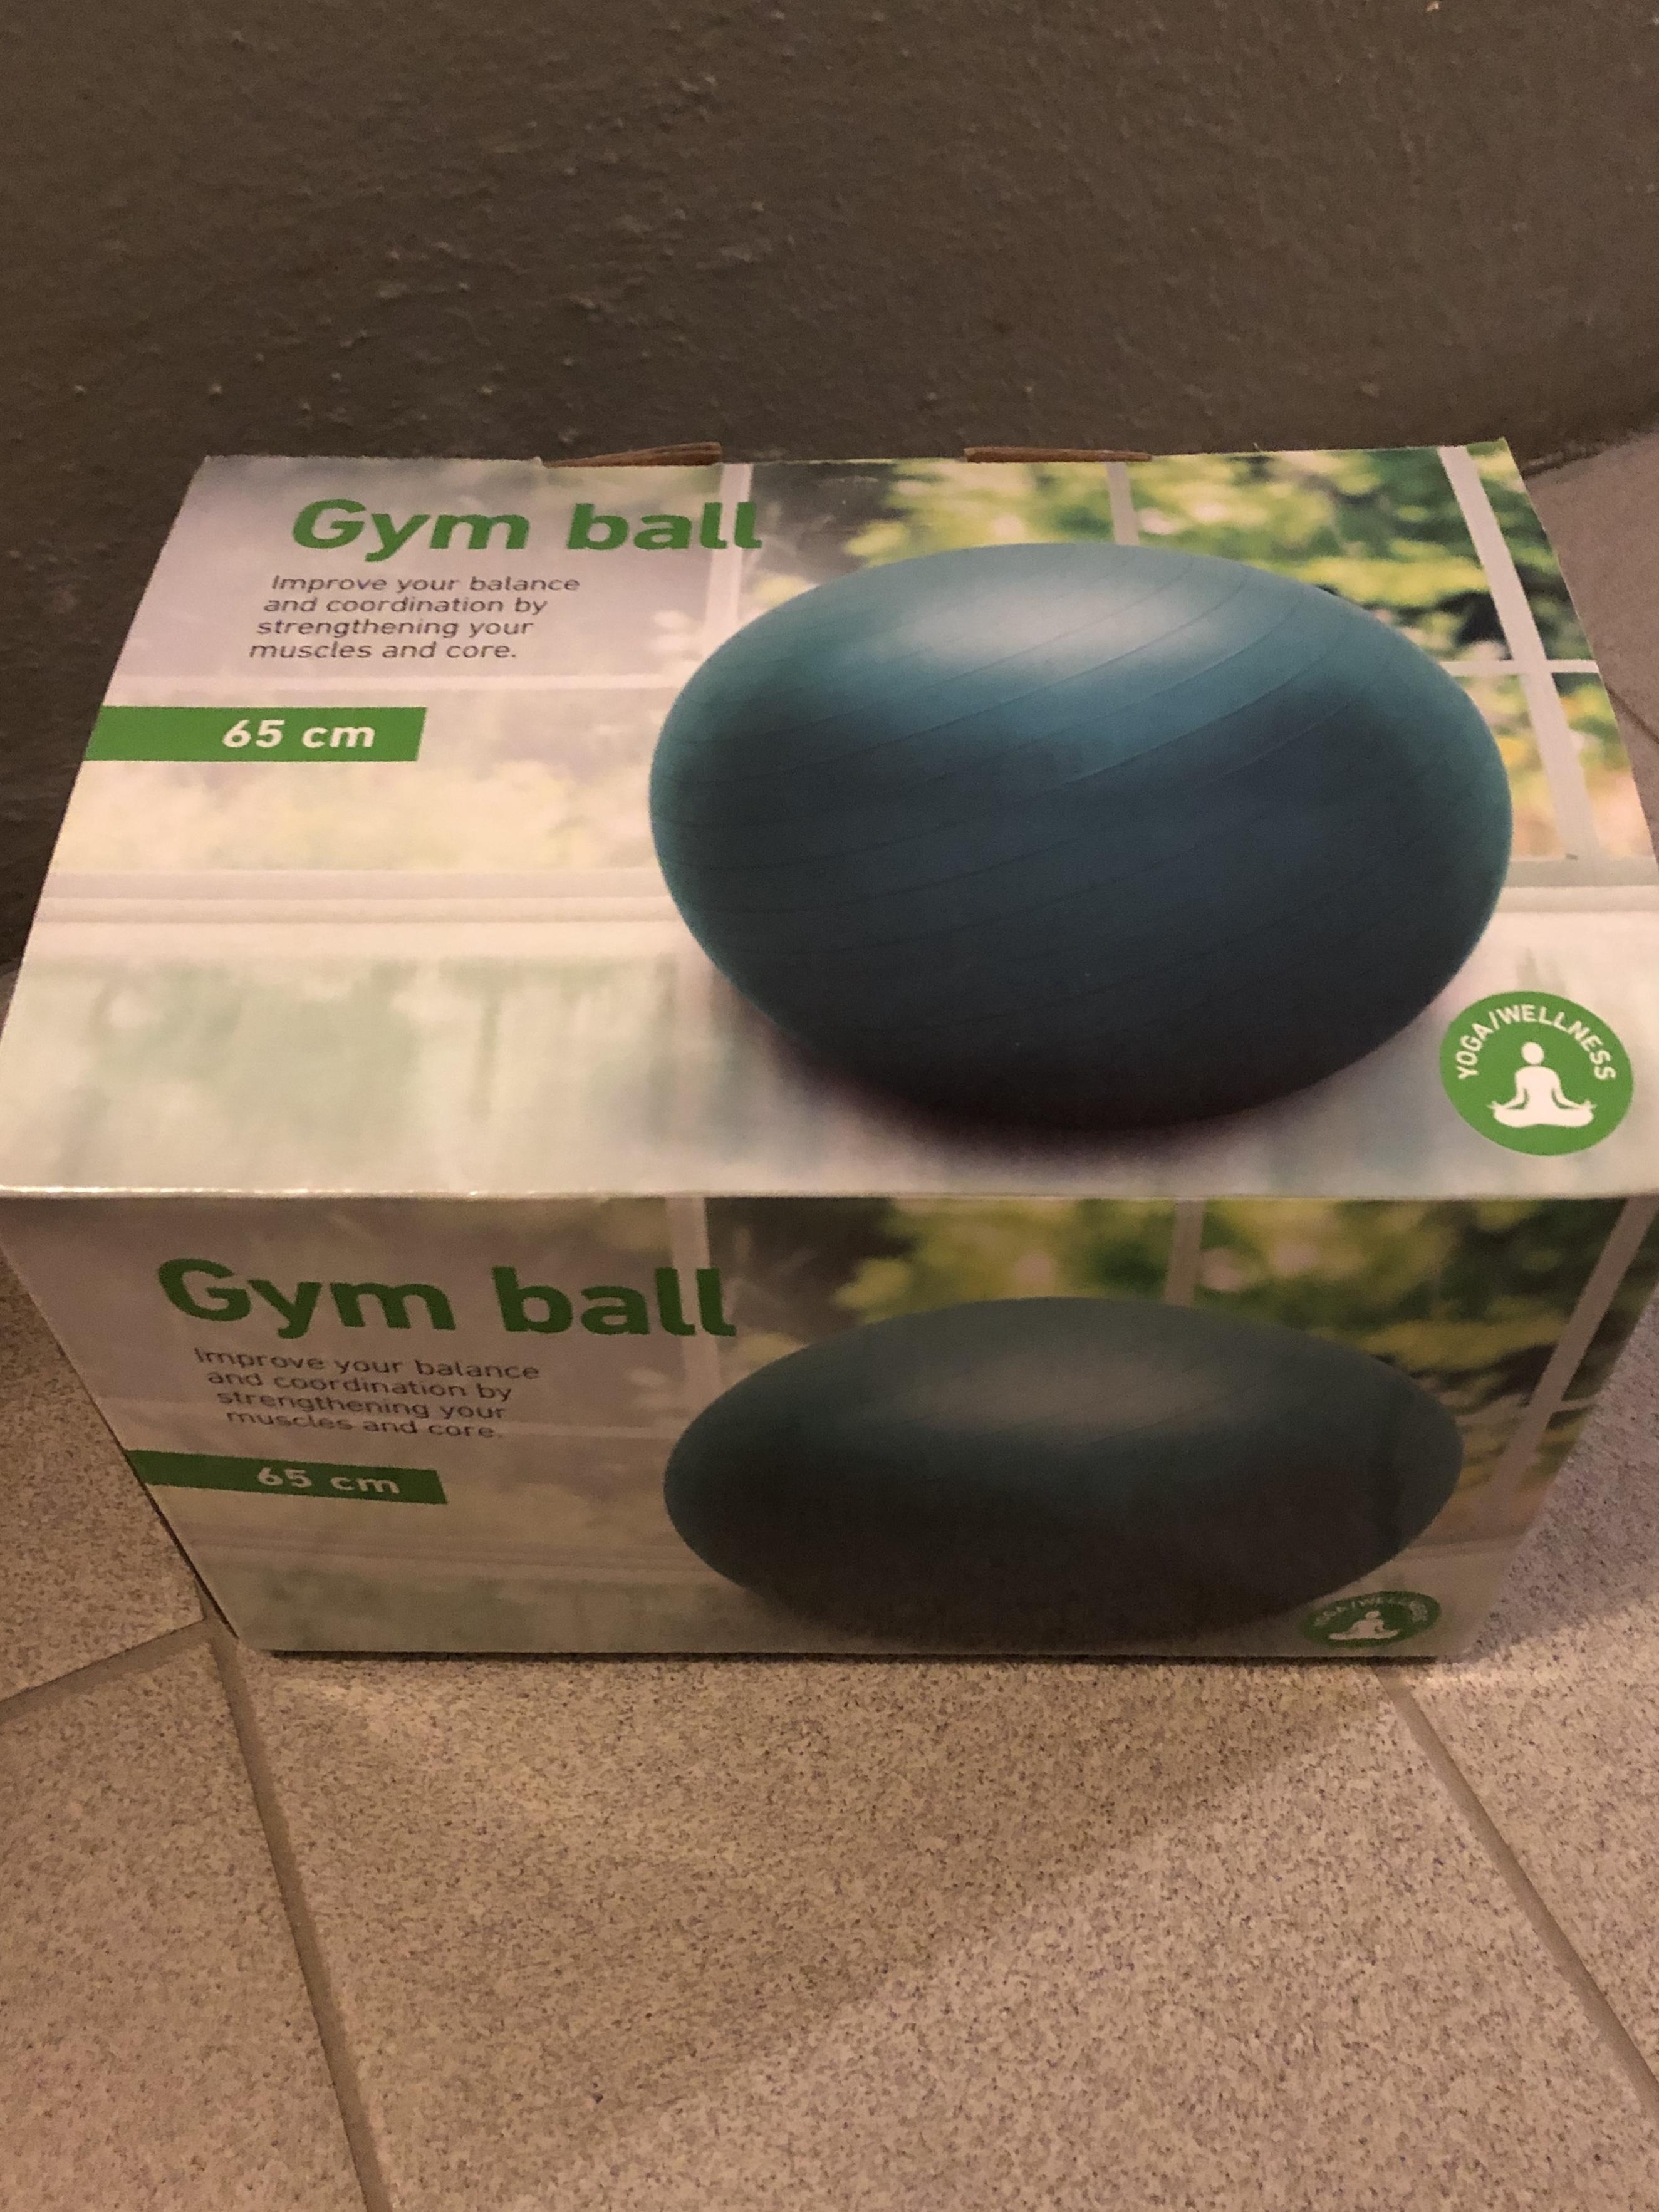 Gym boll